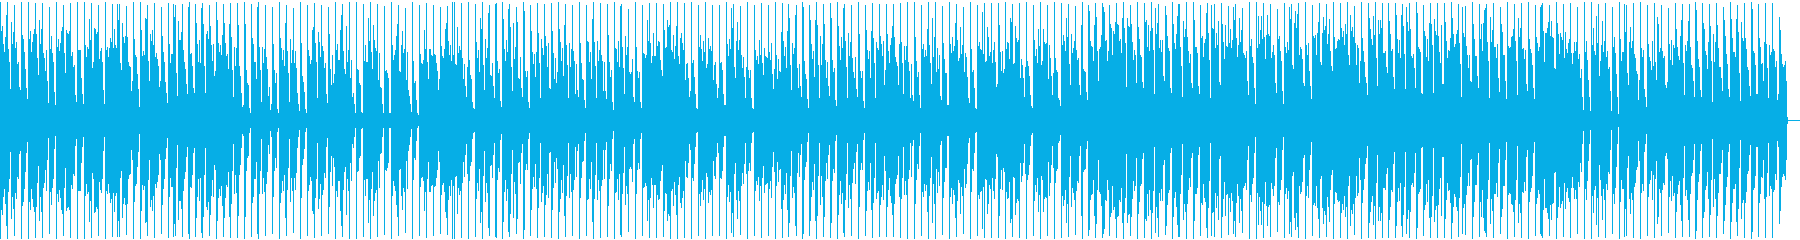 ギター・おしゃれ・ファッション・クールの再生済みの波形